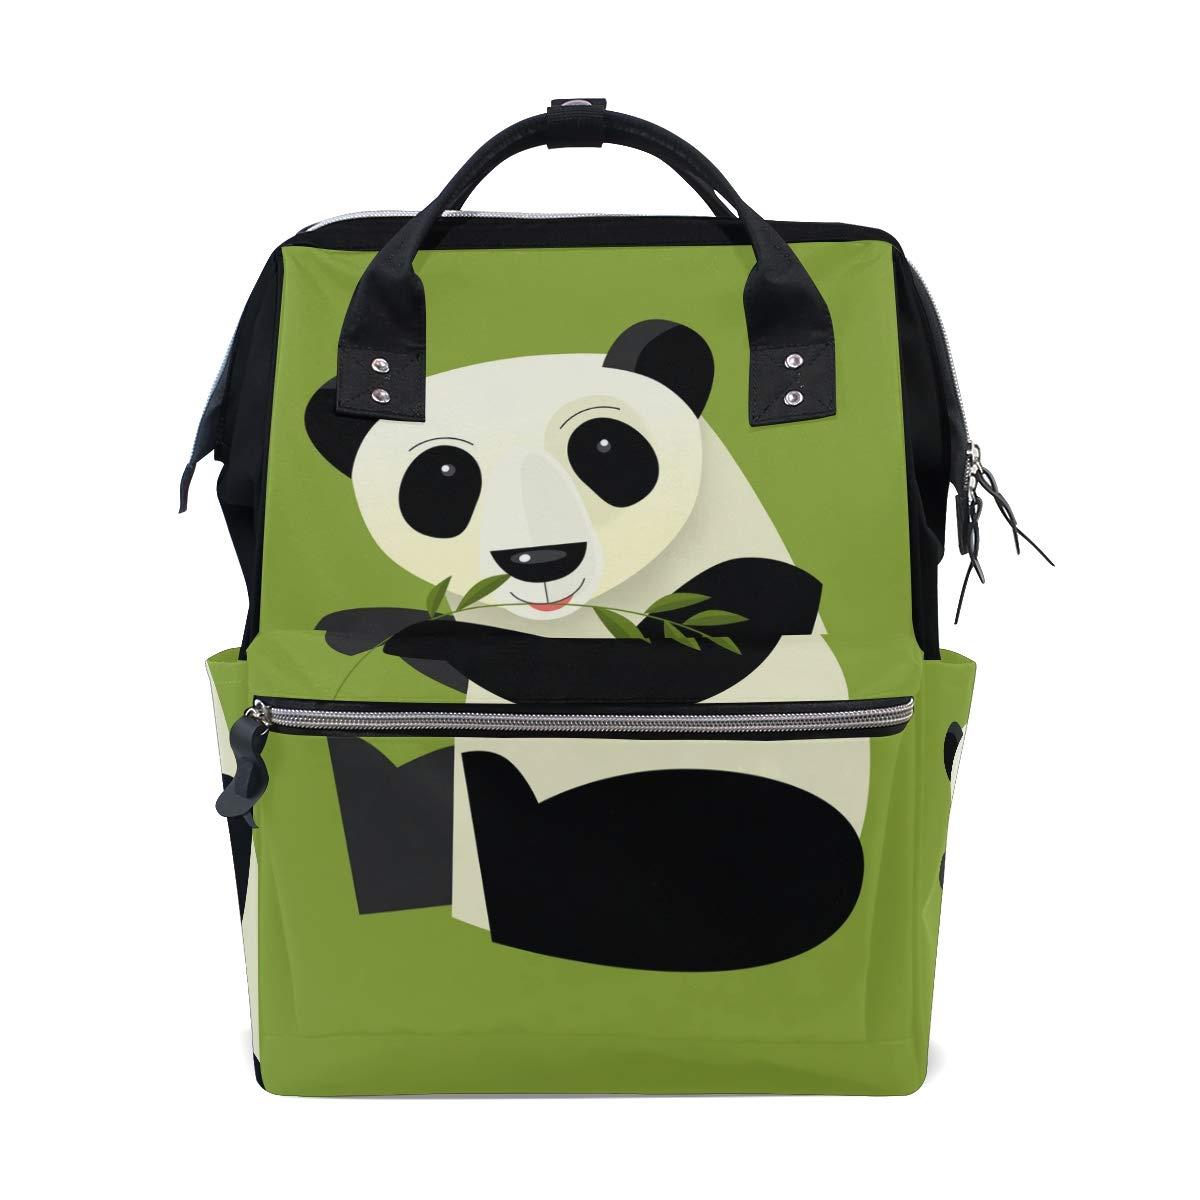 Diaper Bag Backpack Cartoon Panda - Illustrator Multipurpose Travel Backpack